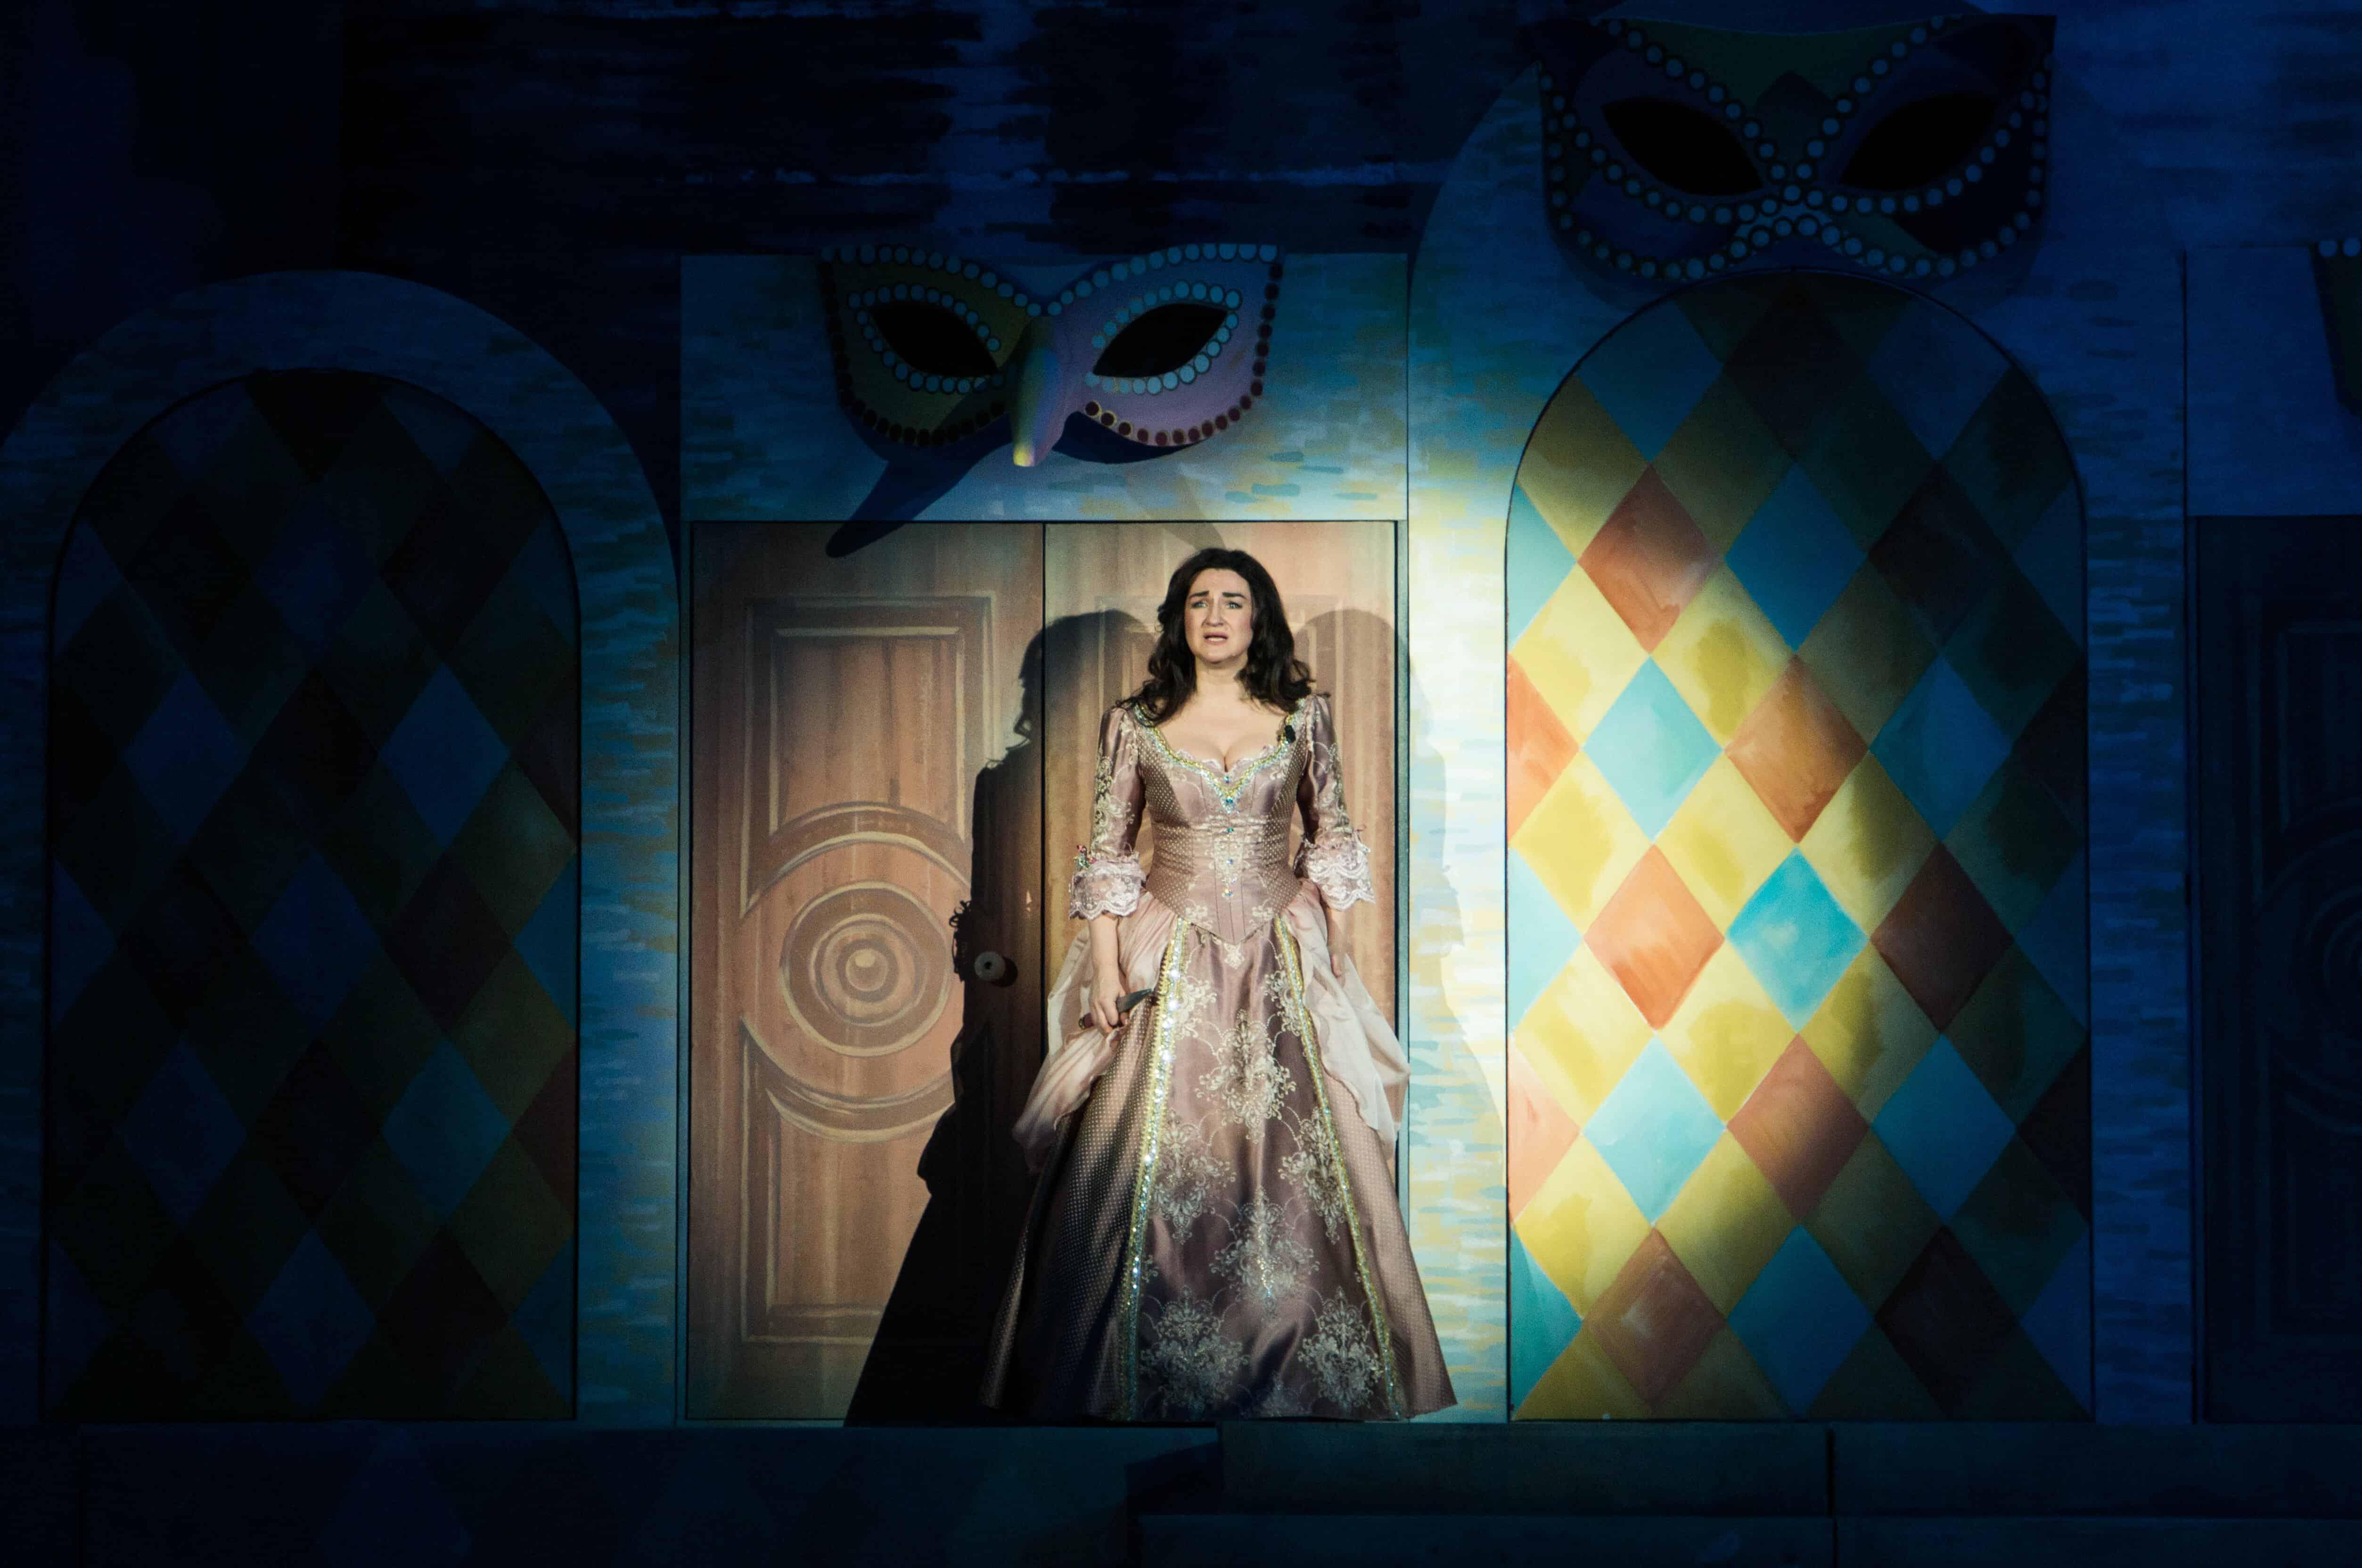 «Труффальдино из Бергамо»: в начале была Любовь «Труффальдино из Бергамо»: в начале была Любовь IMG 1722